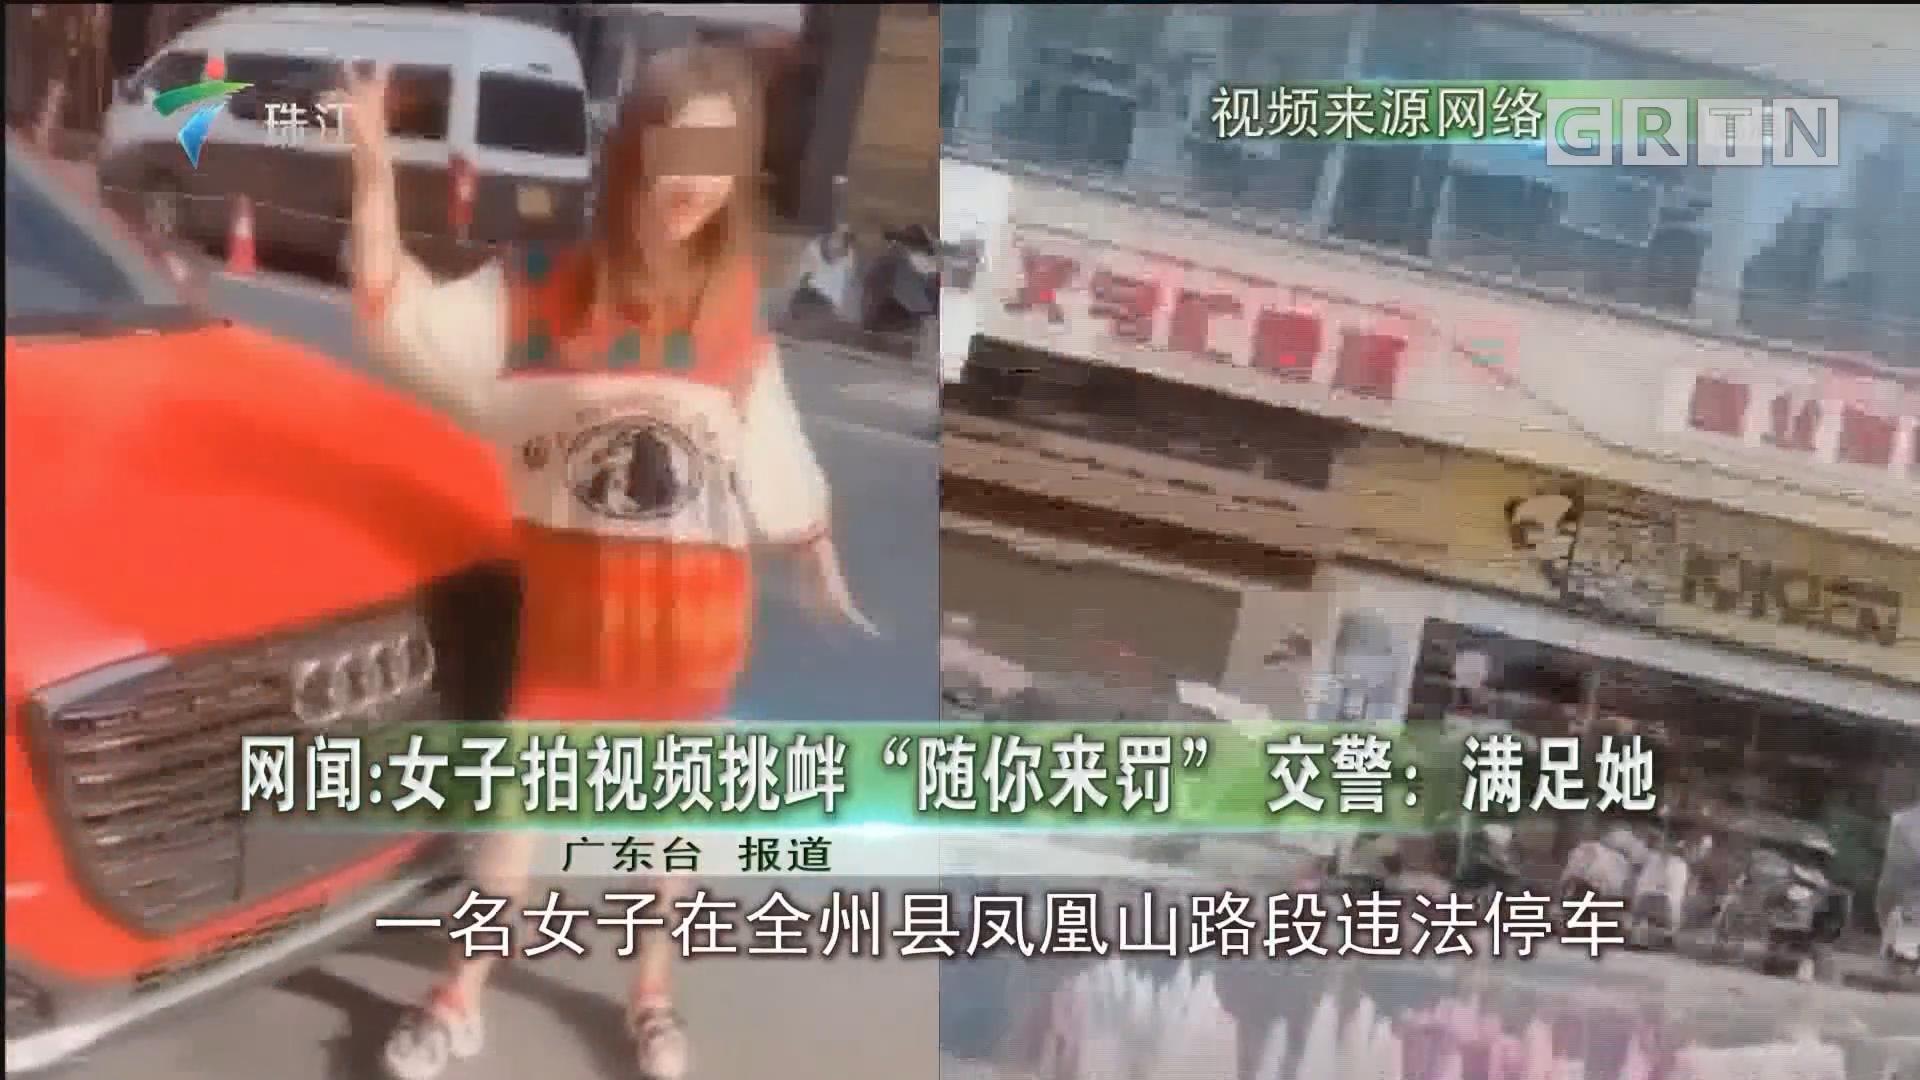 """网闻:女子拍视频挑衅""""随你来罚"""" 交警:满足她"""